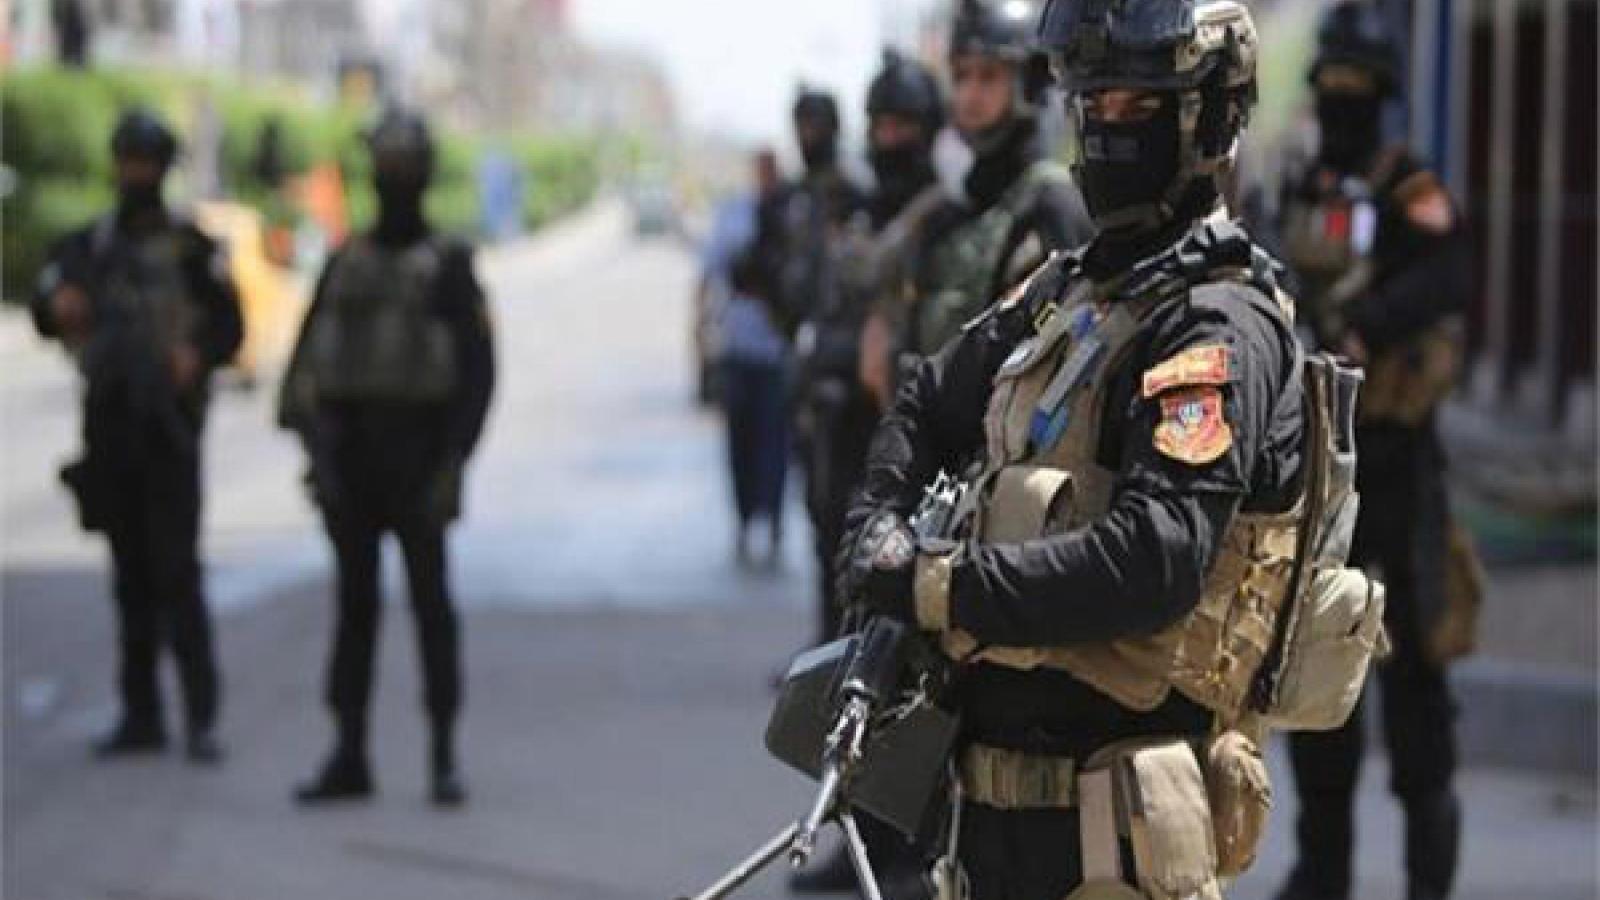 Iraqbắt giữ 11.000 người vì tội khủng bố